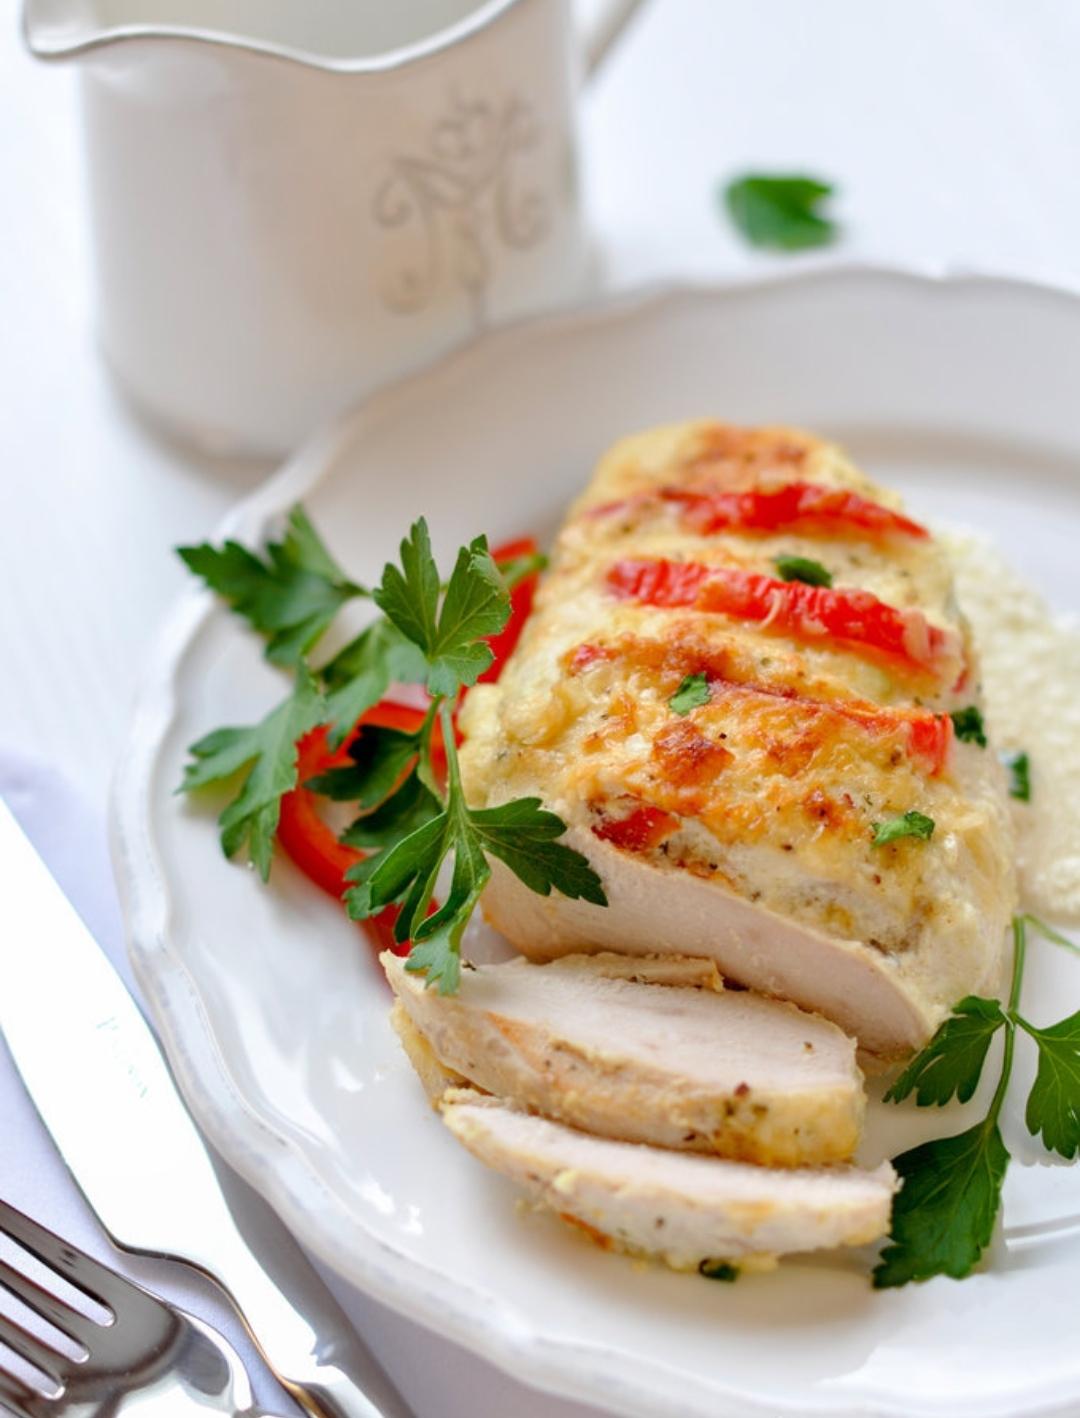 Chicken breast in sour cream sauce